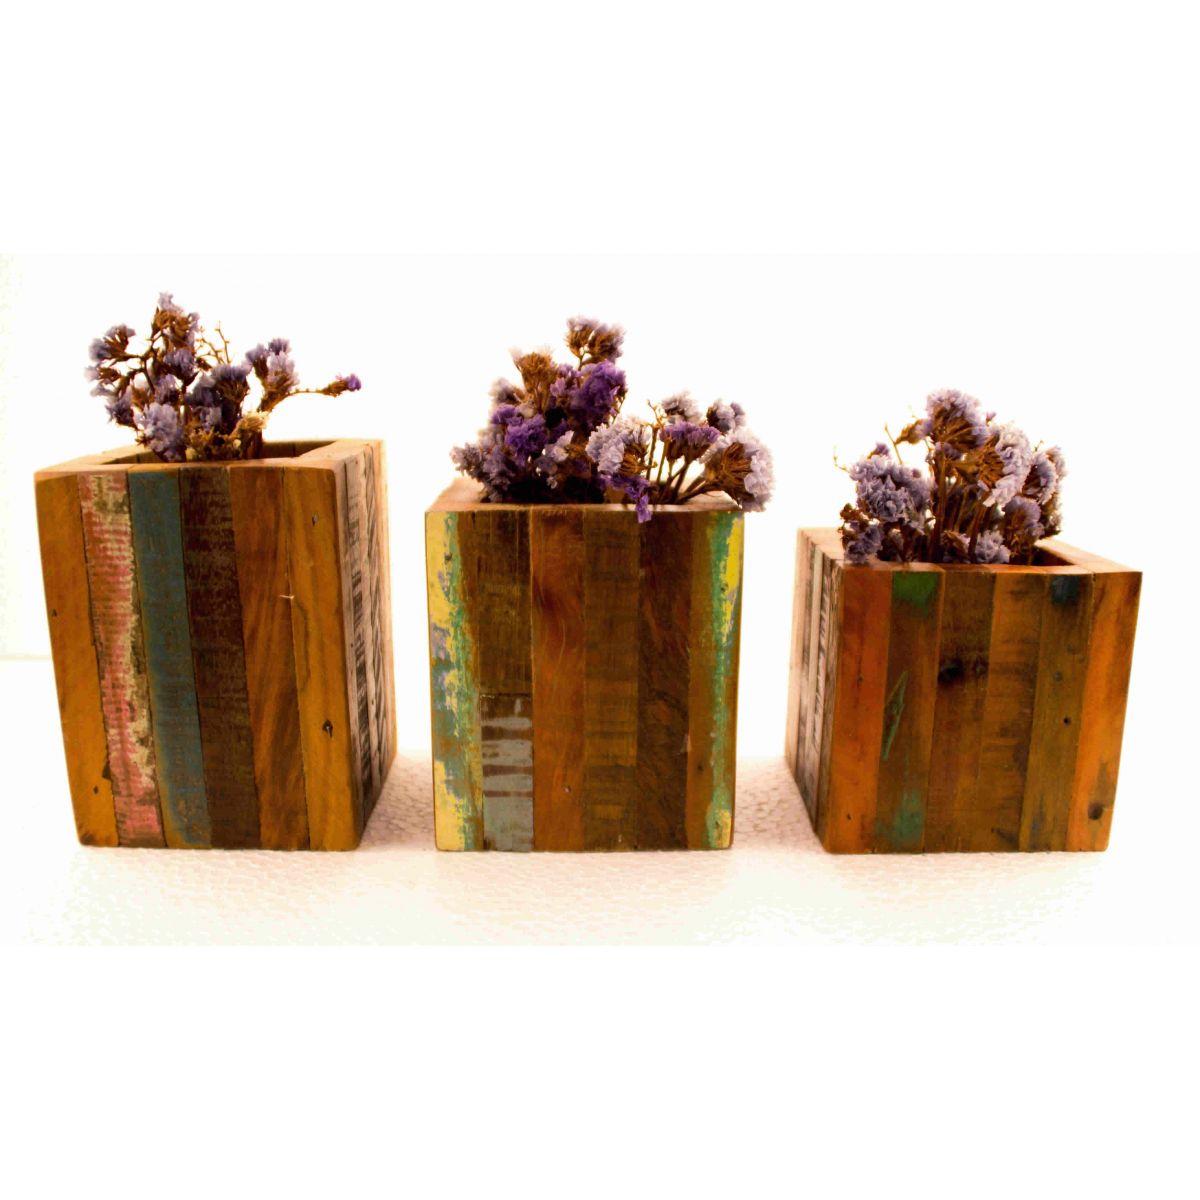 Trio De Cachepot decorativo Em Madeira De Demolição